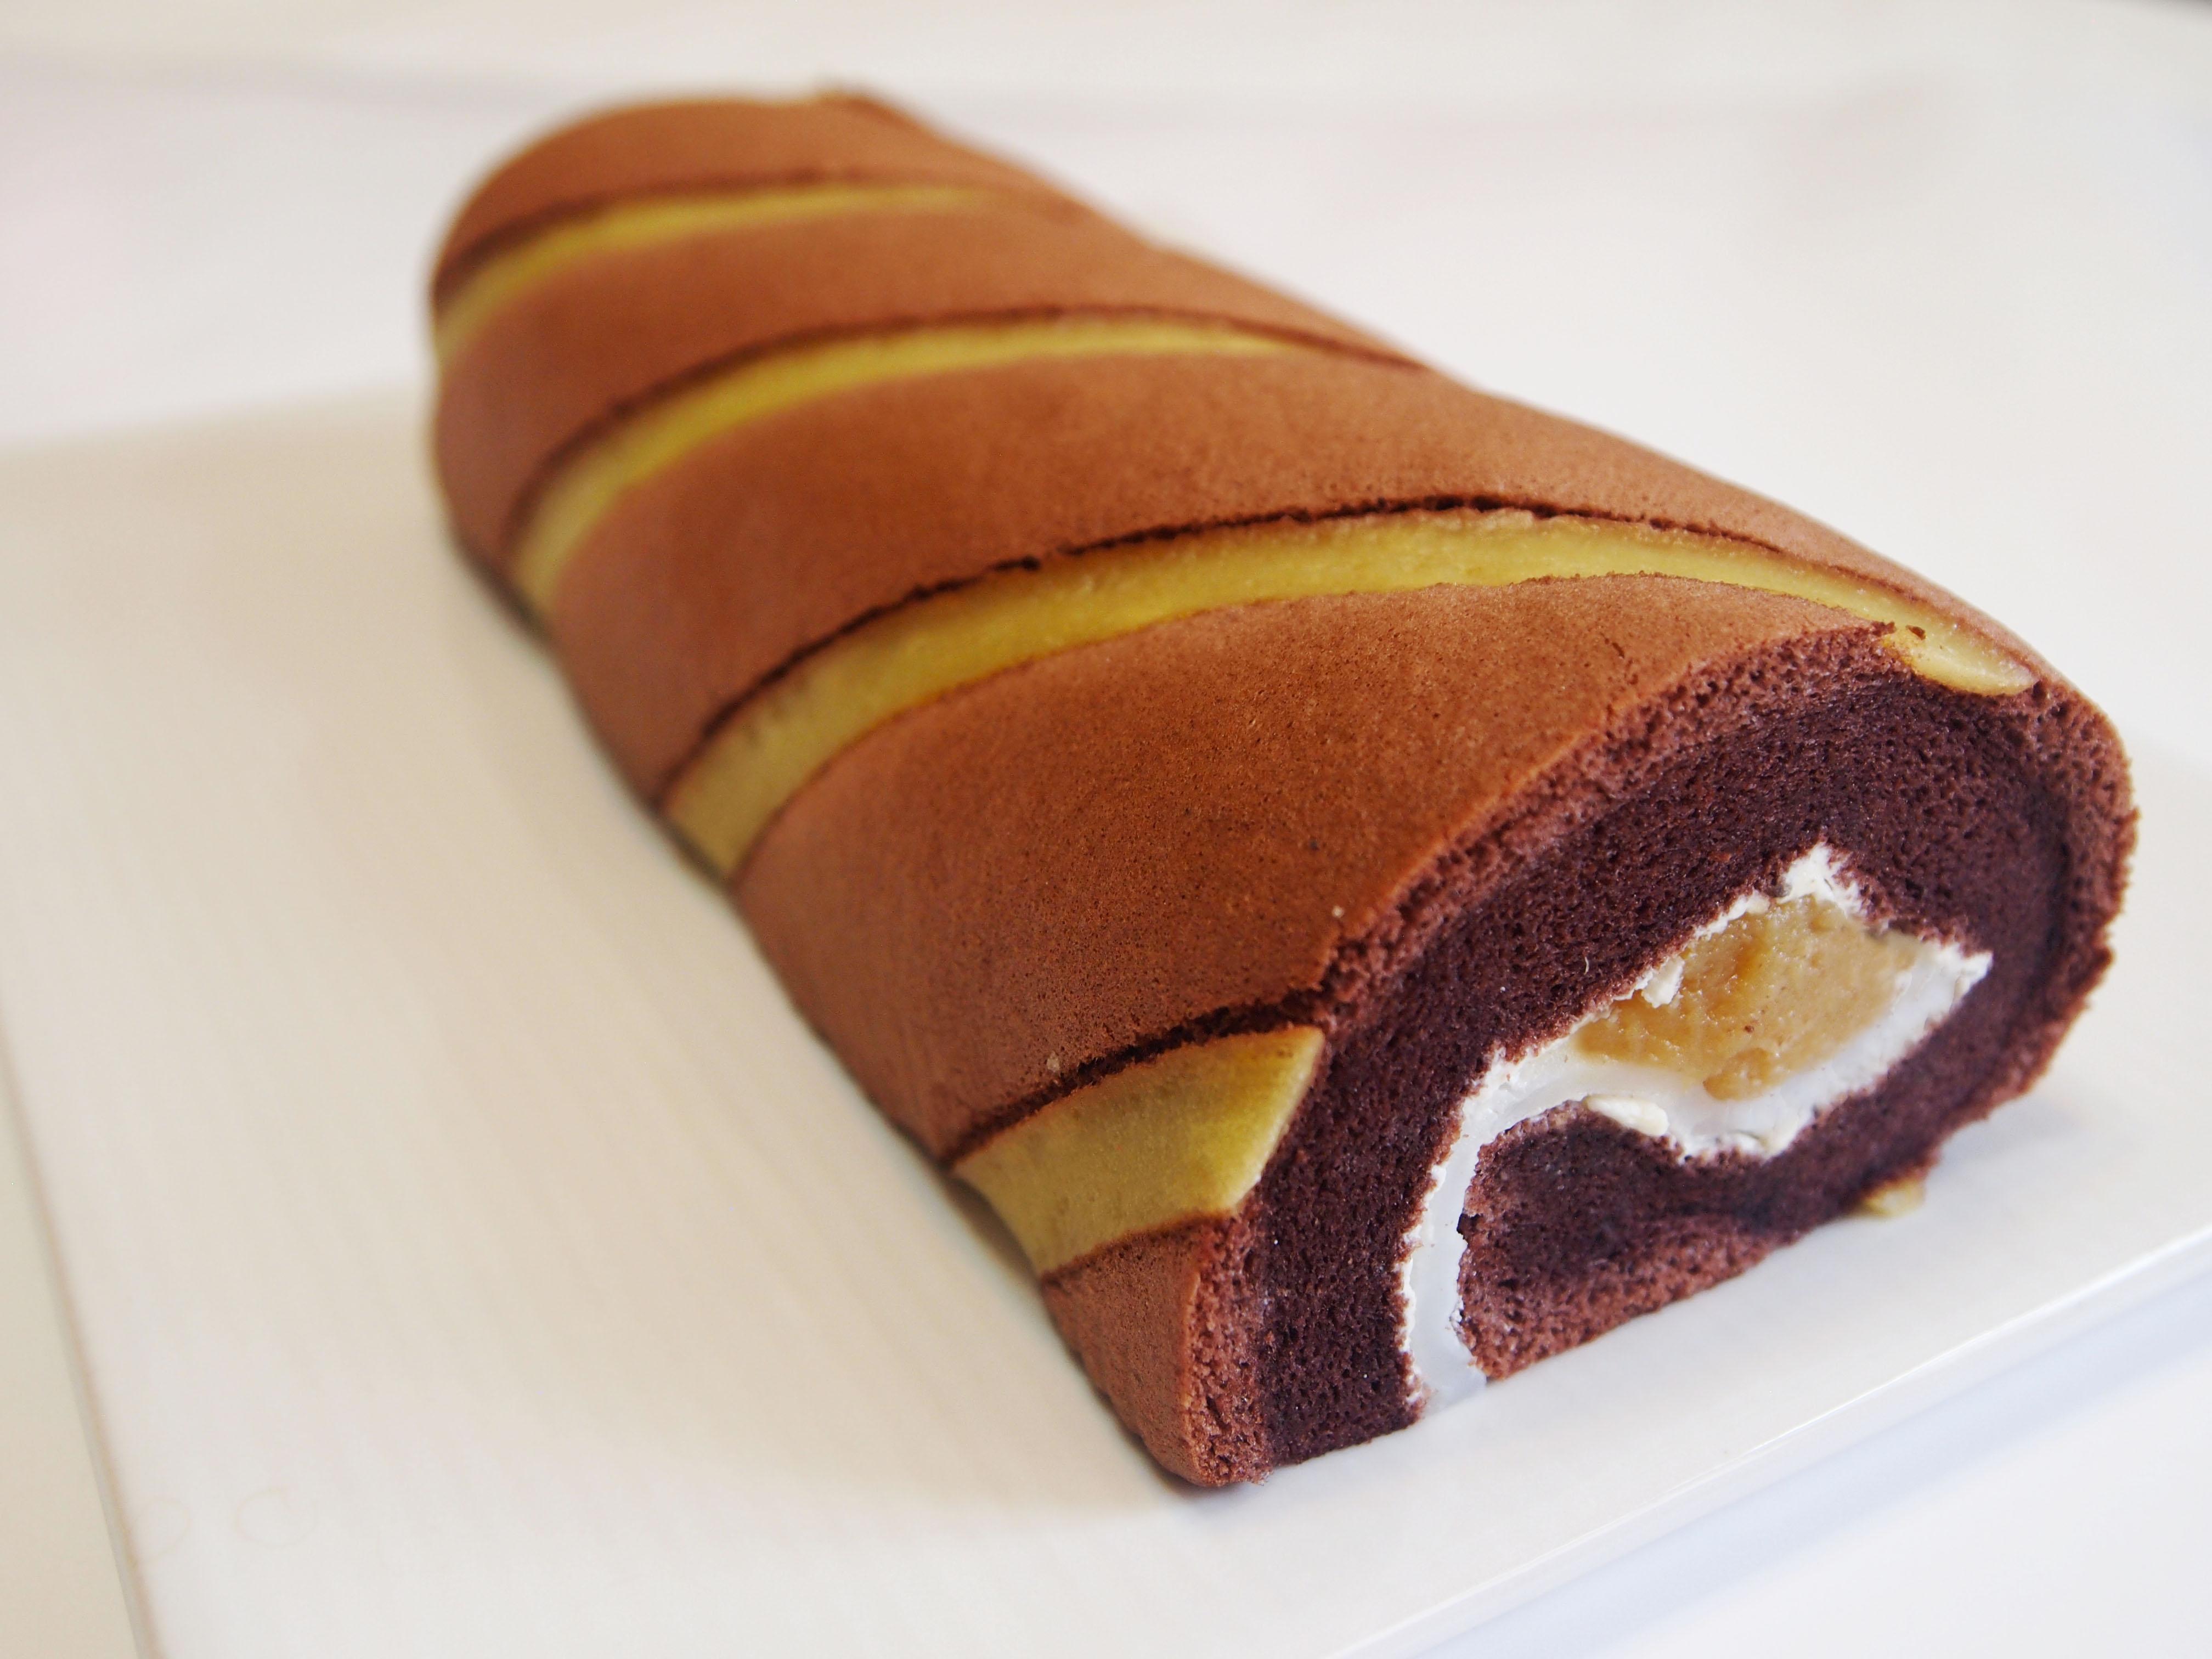 地瓜麻糬可可捲,彌月蛋糕禮盒推薦|高雄伴手禮名店|團購美食|地瓜泥X可可蛋糕X日式麻糬